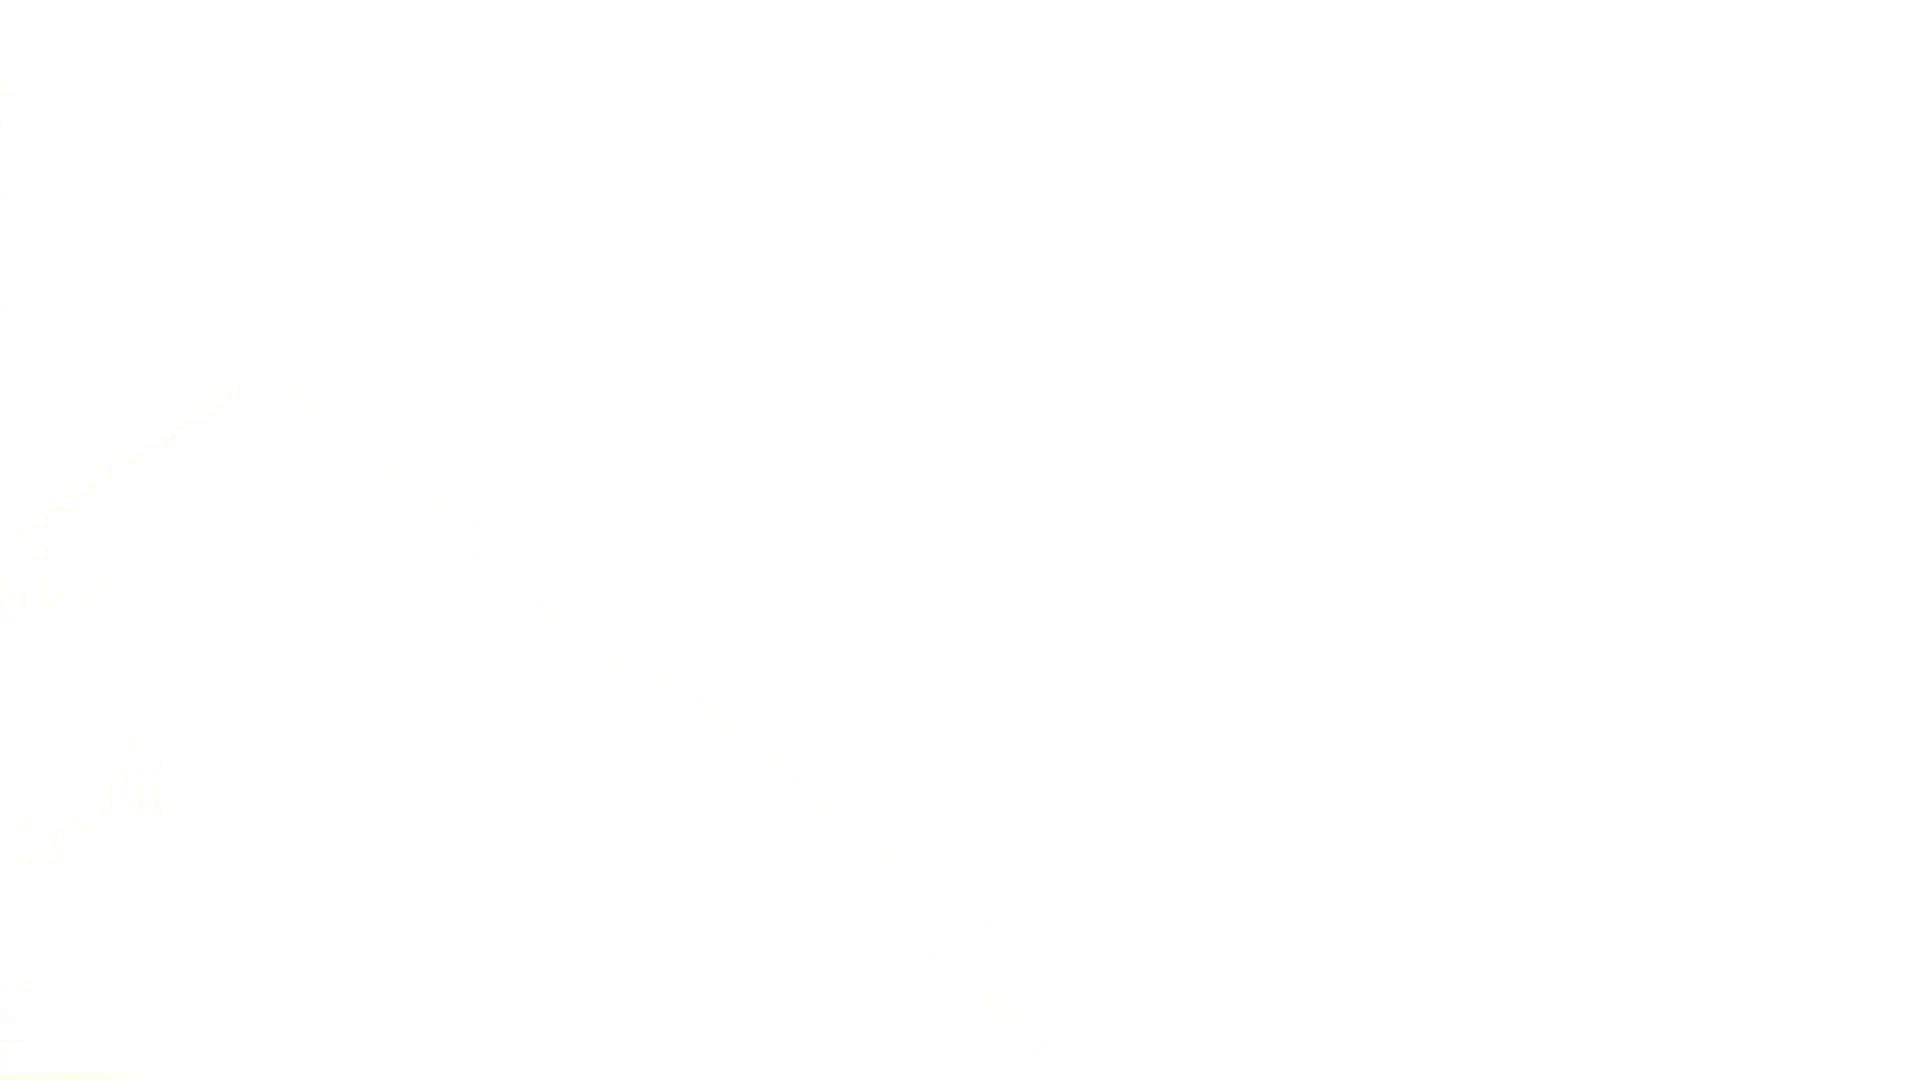 ※100個限定販売 至高下半身盗撮 プレミアム Vol.8 ハイビジョン 丸見え ヌード画像 111画像 70